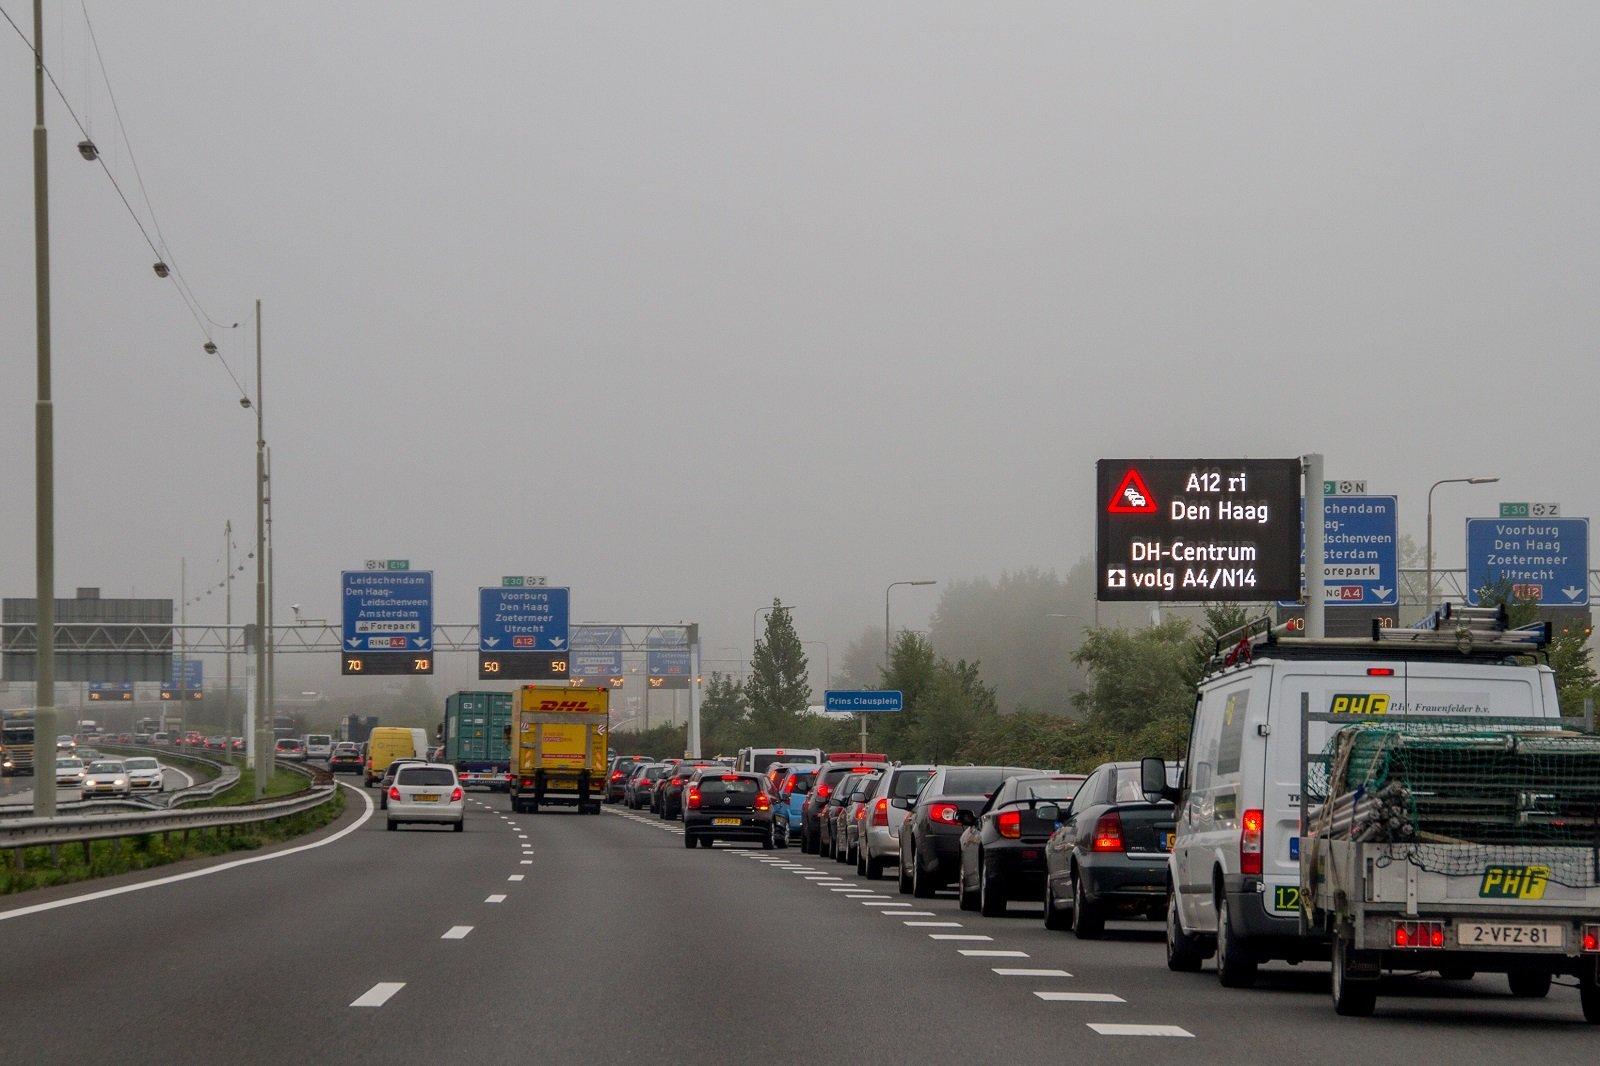 Verkeersmanagement maatregelen in Zuid-Holland